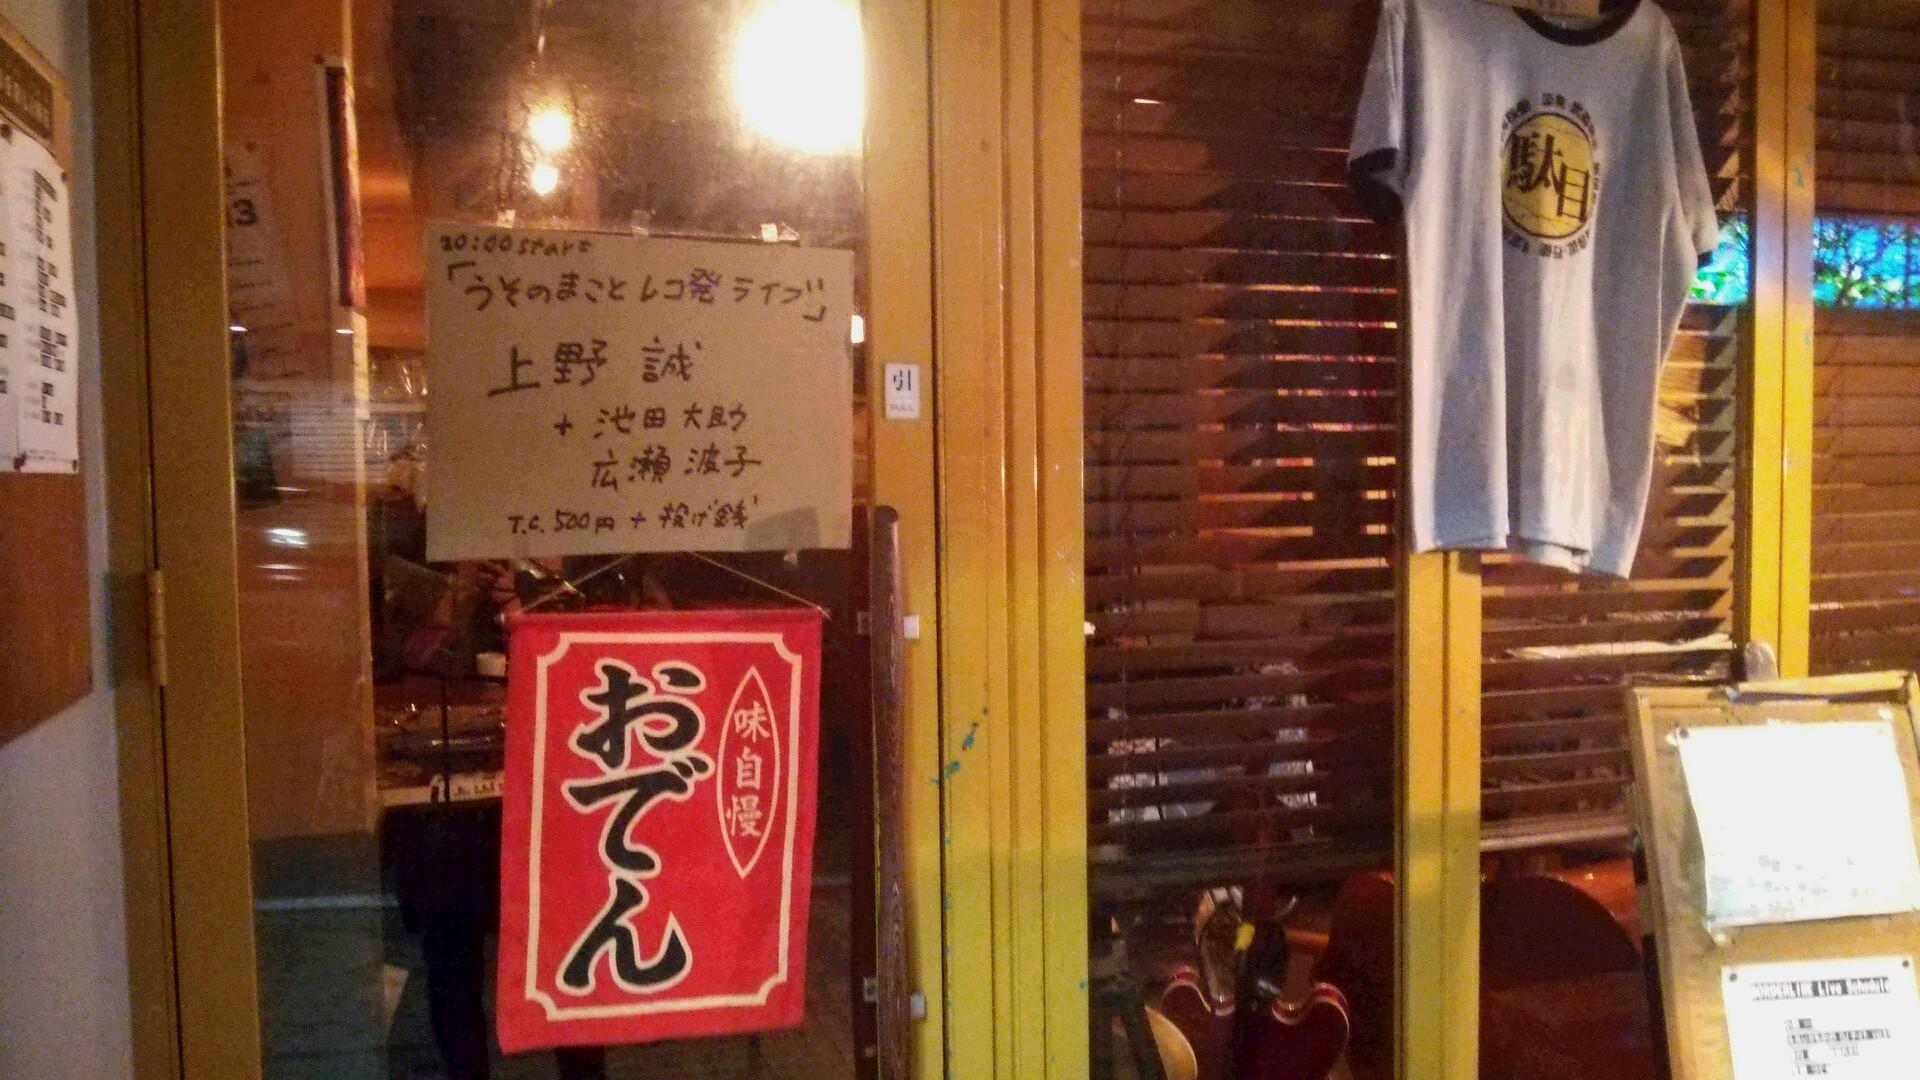 2014横浜ラストライブ★【うそのまことレコ発ライブ】上野誠+池田大助+広瀬波子 トリオ